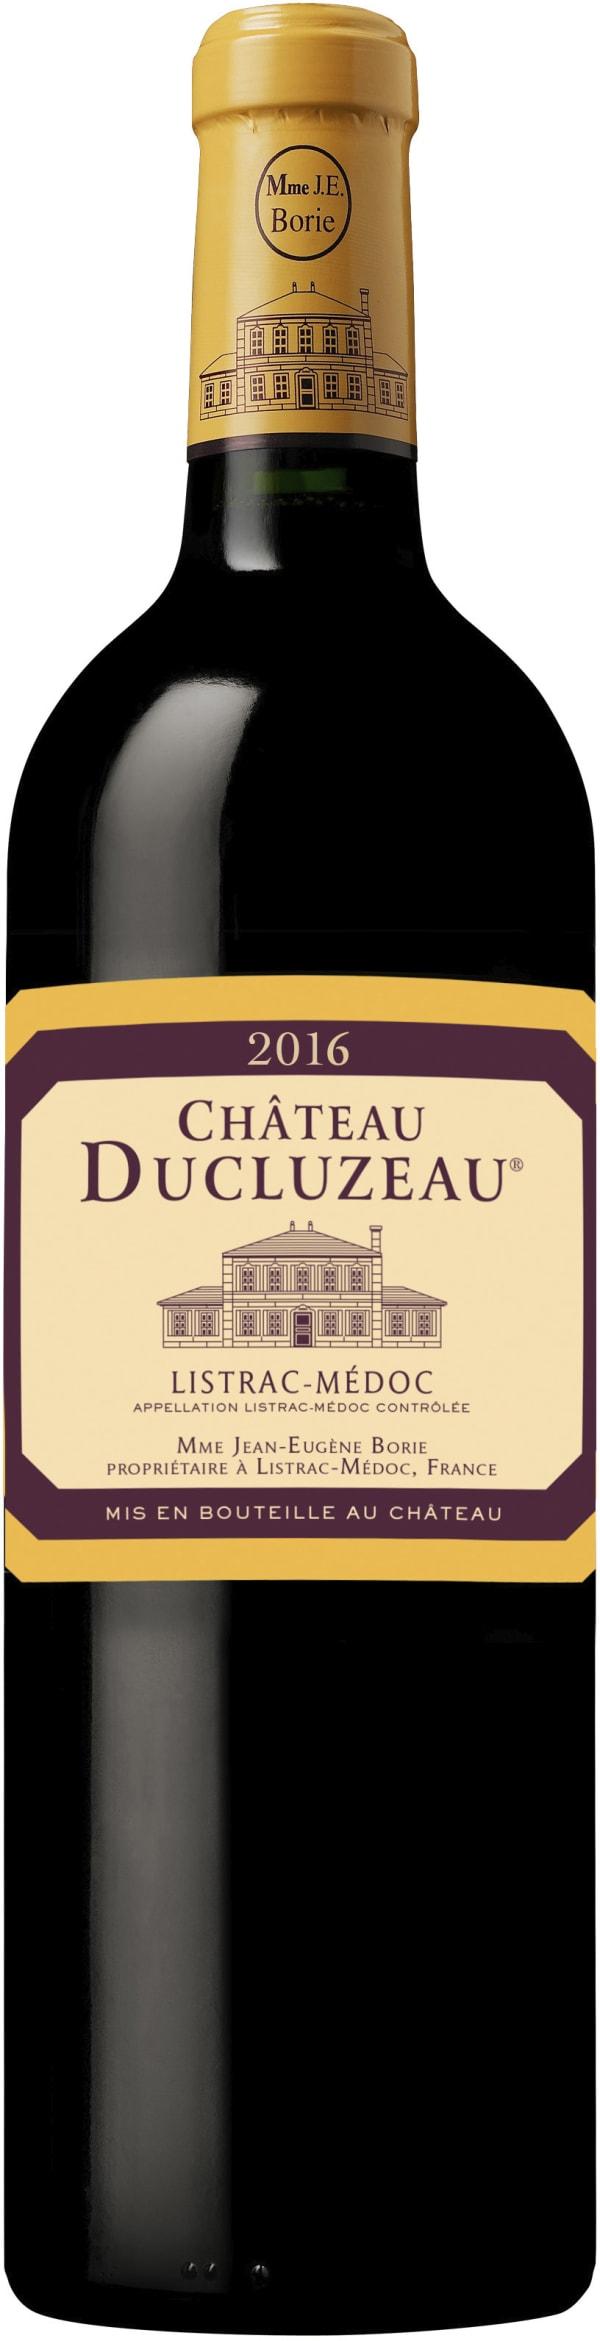 Château Ducluzeau 2016